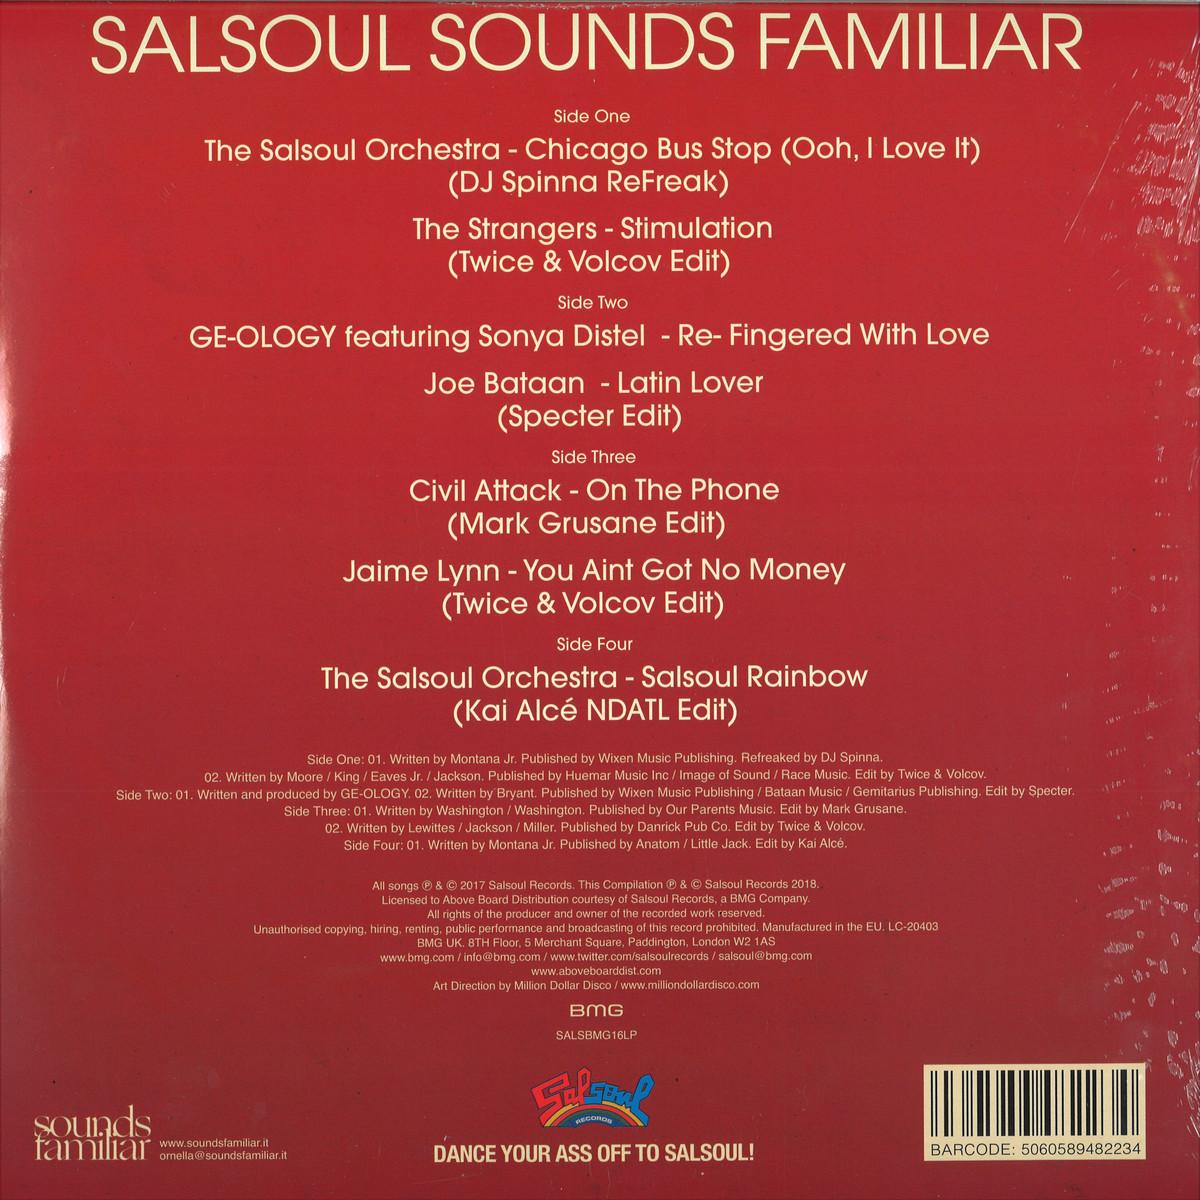 deejay de - Salsoul